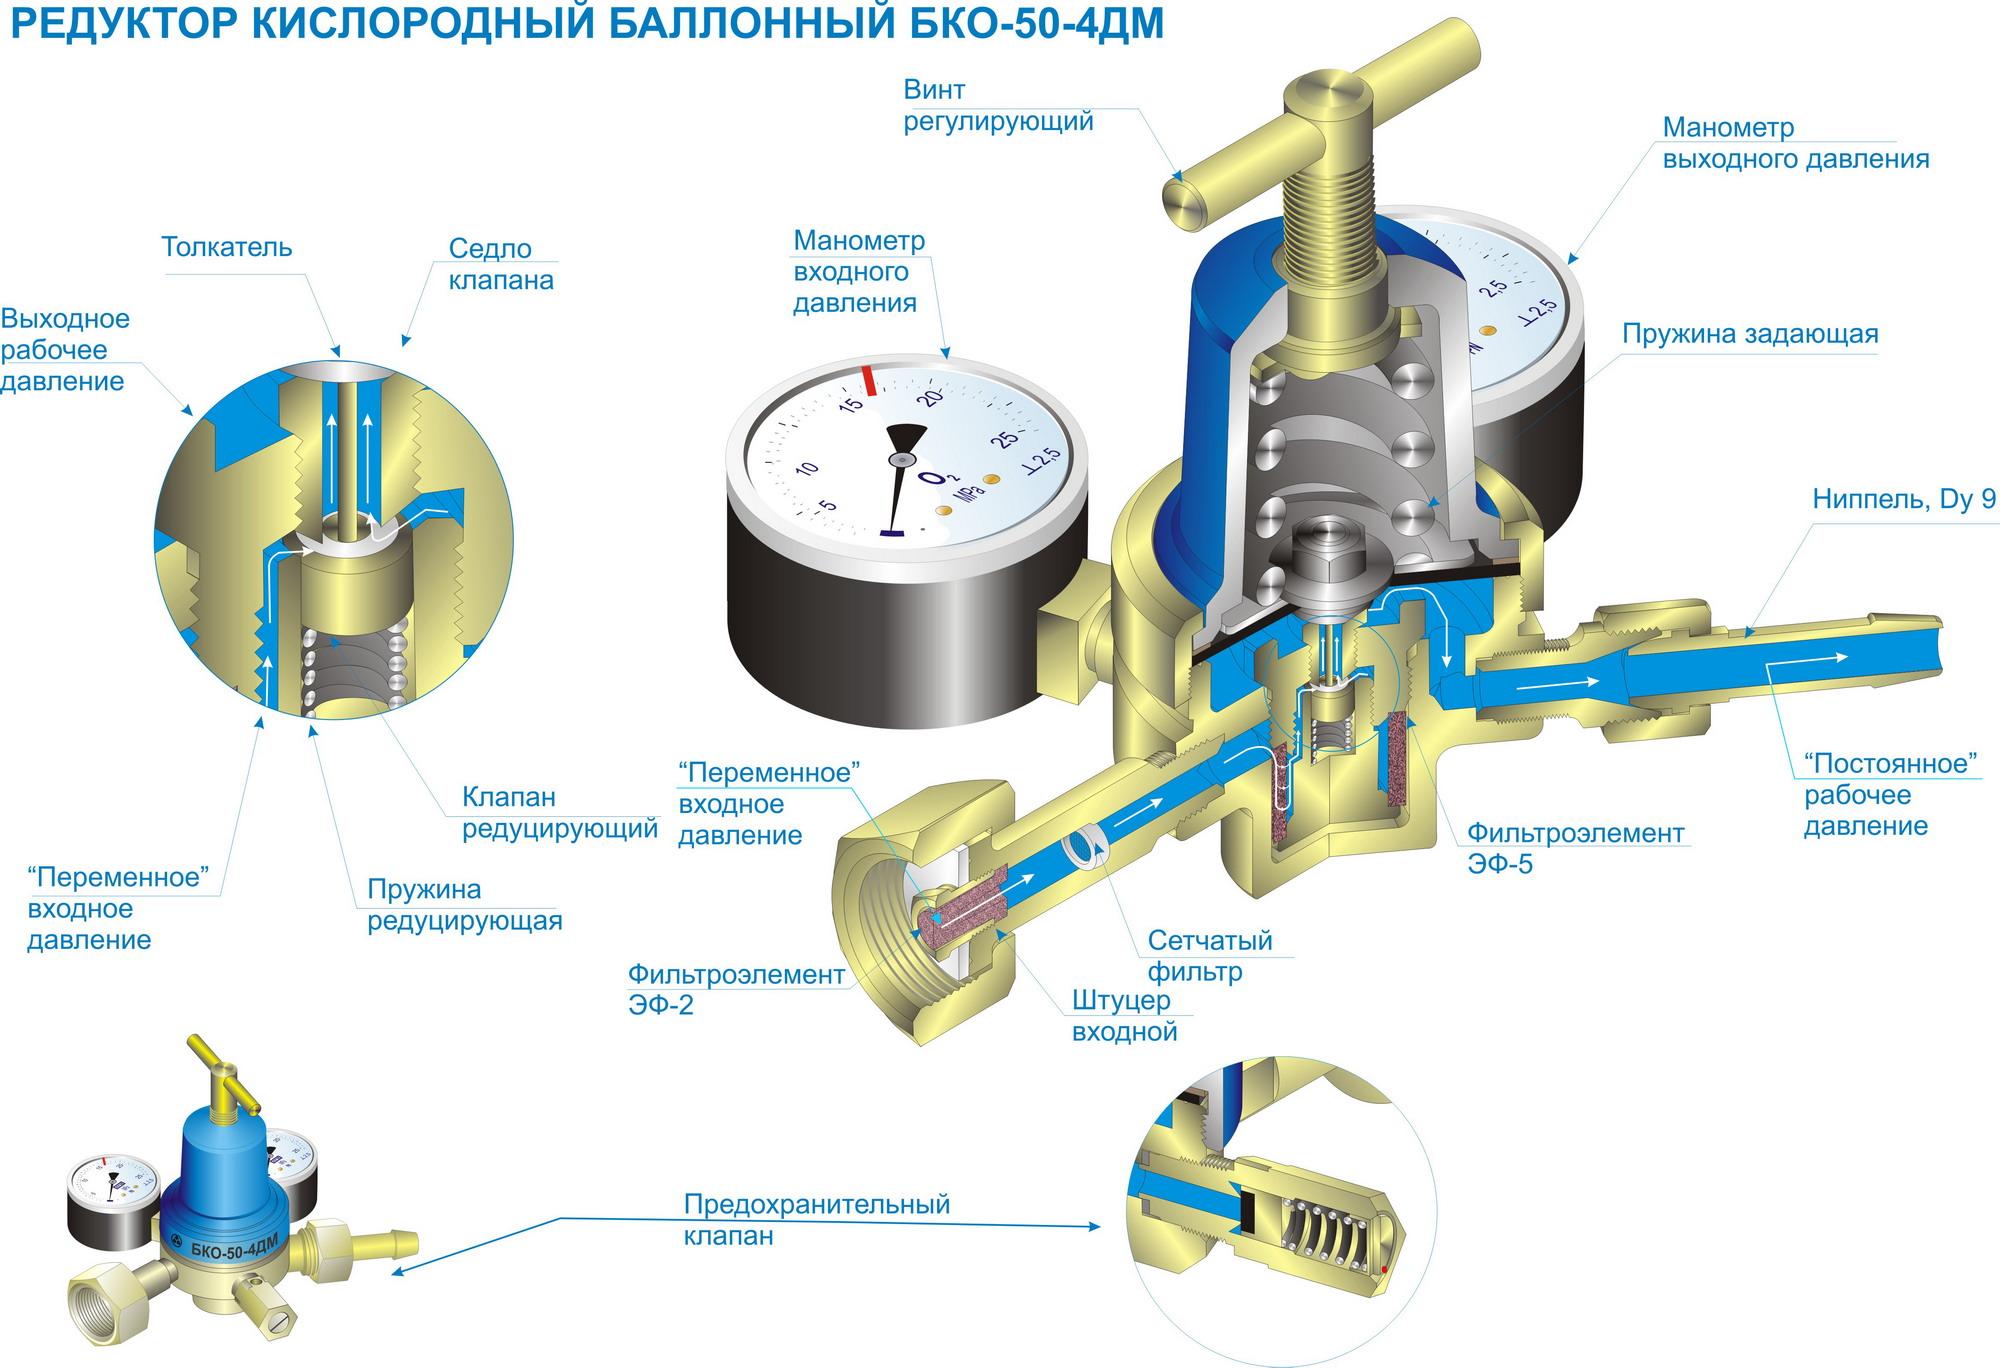 схема вентиля кислородного баллона